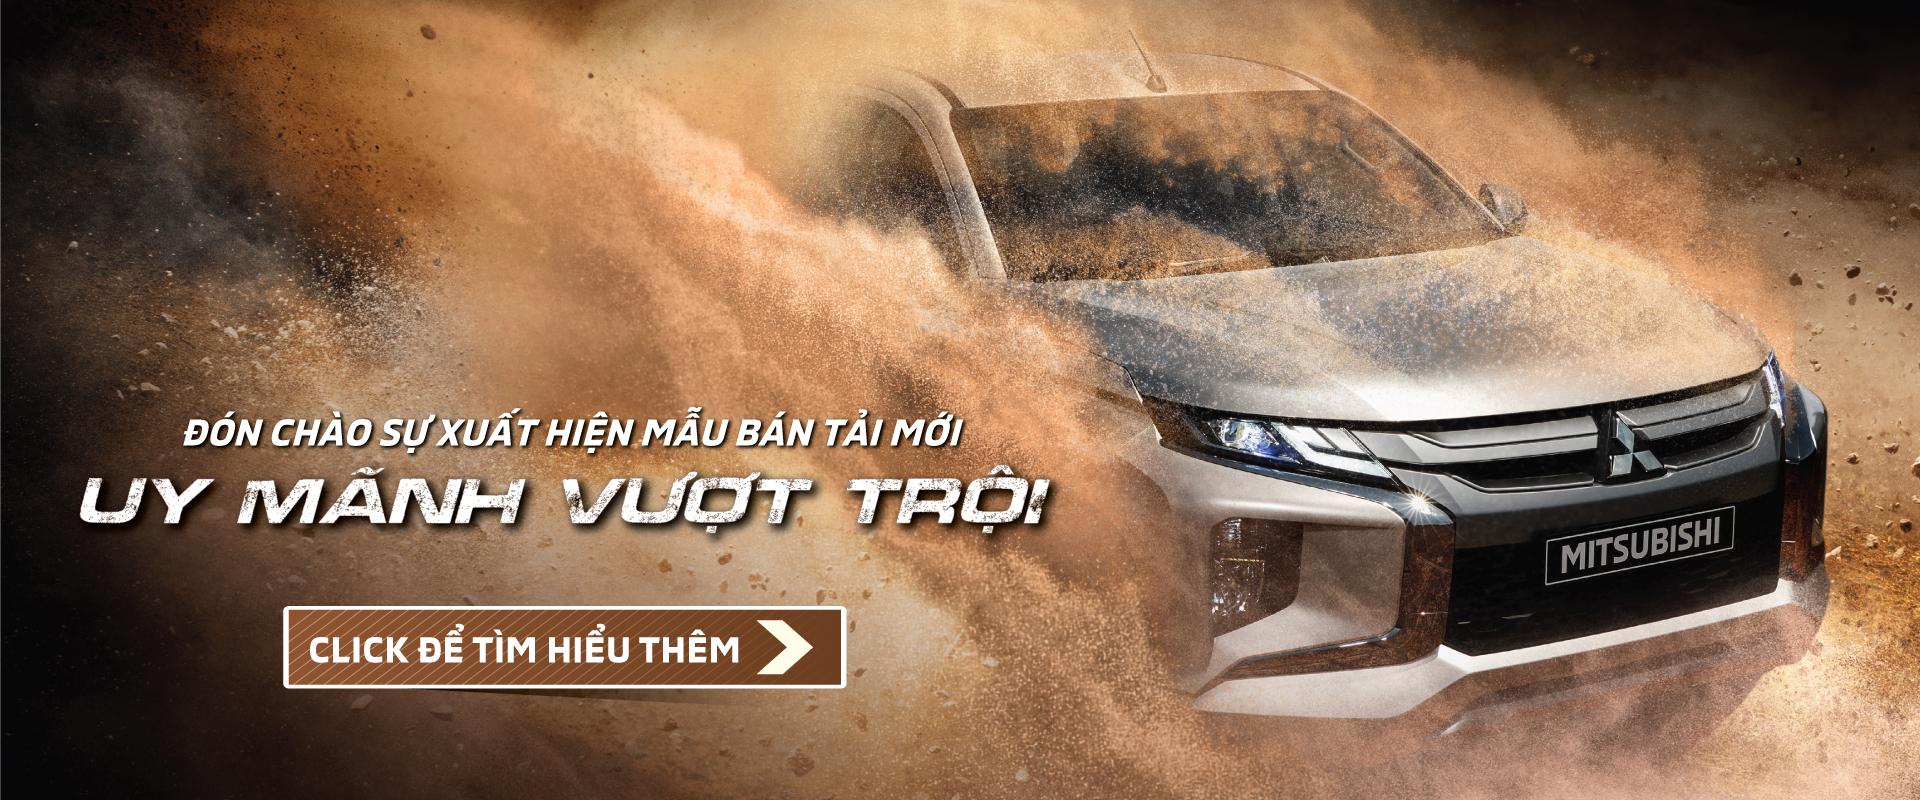 """Chương trình """"Lái thử ngay – Nhận quà liền tay"""" tại Huyện Lâm Thao ngày 12/01/2019"""